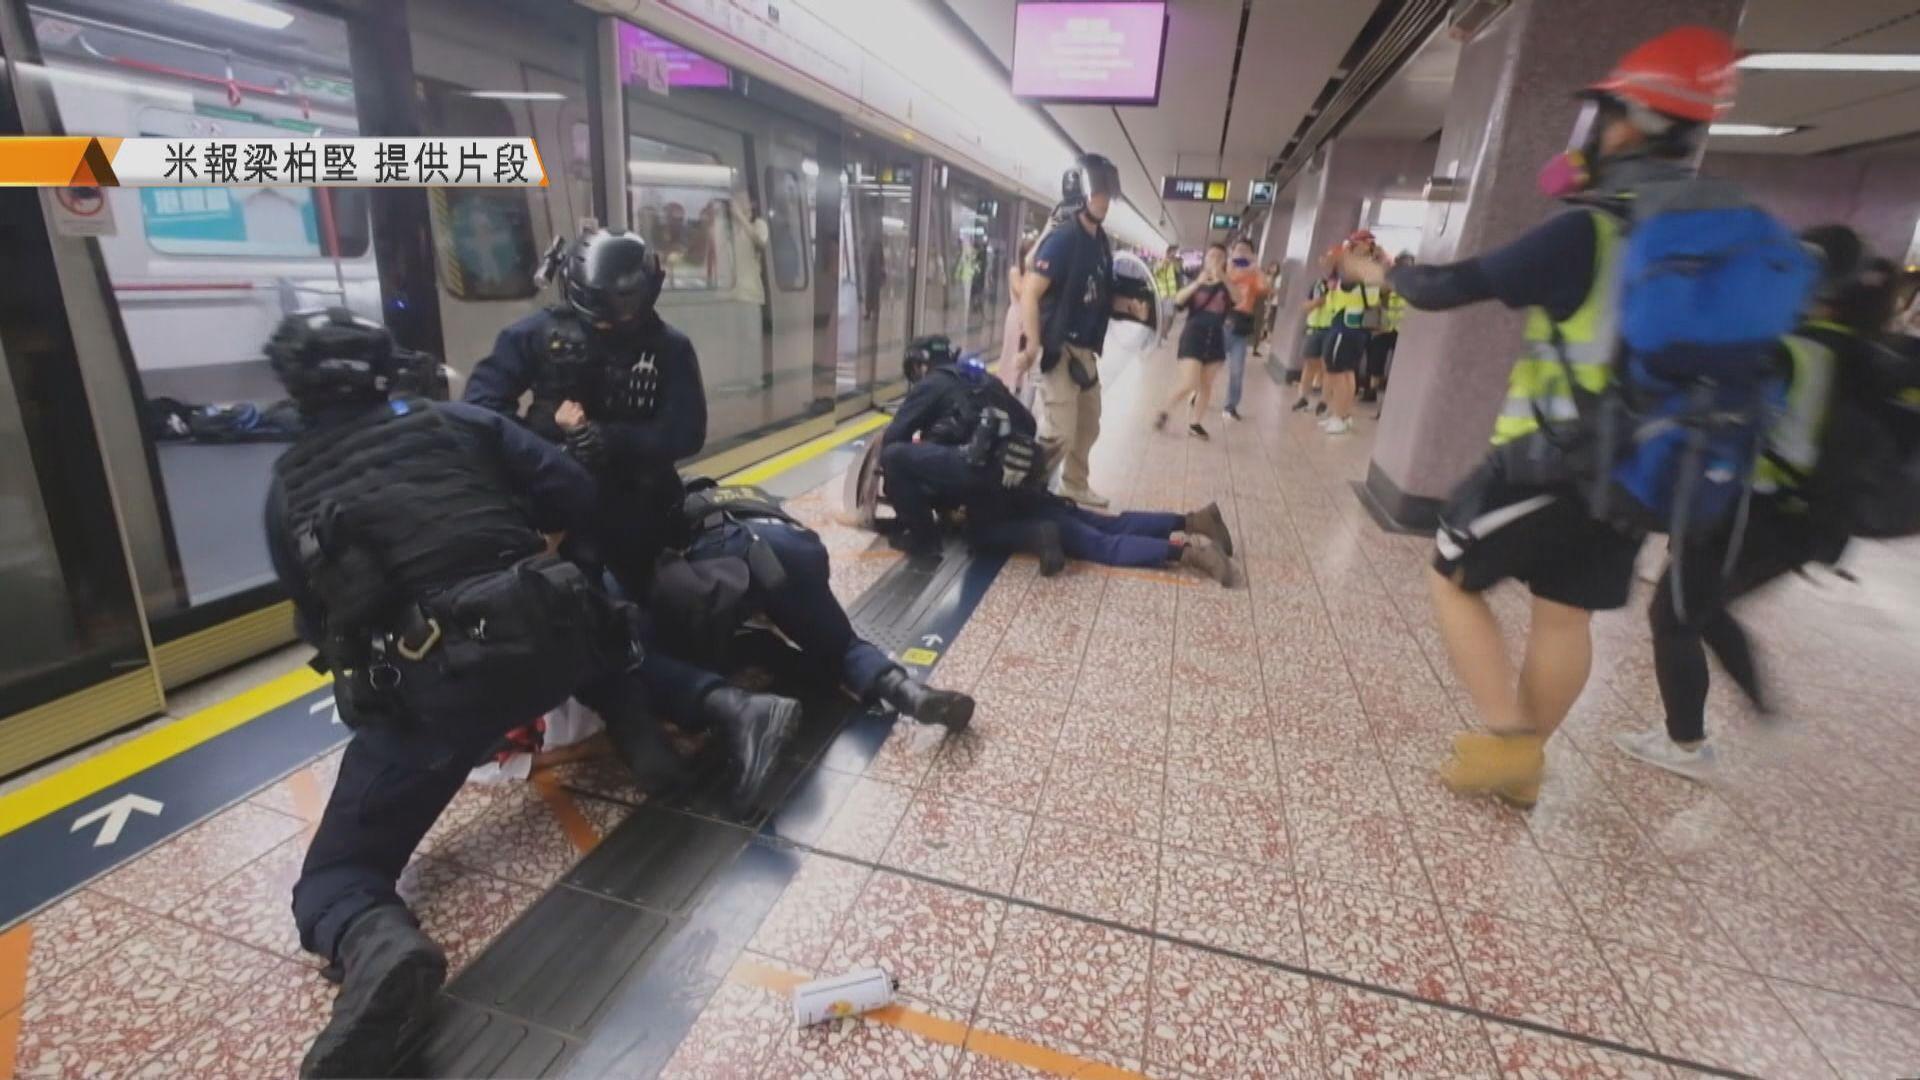 據了解監警會報告指831太子站封站合理 未觸及市民被警員打傷